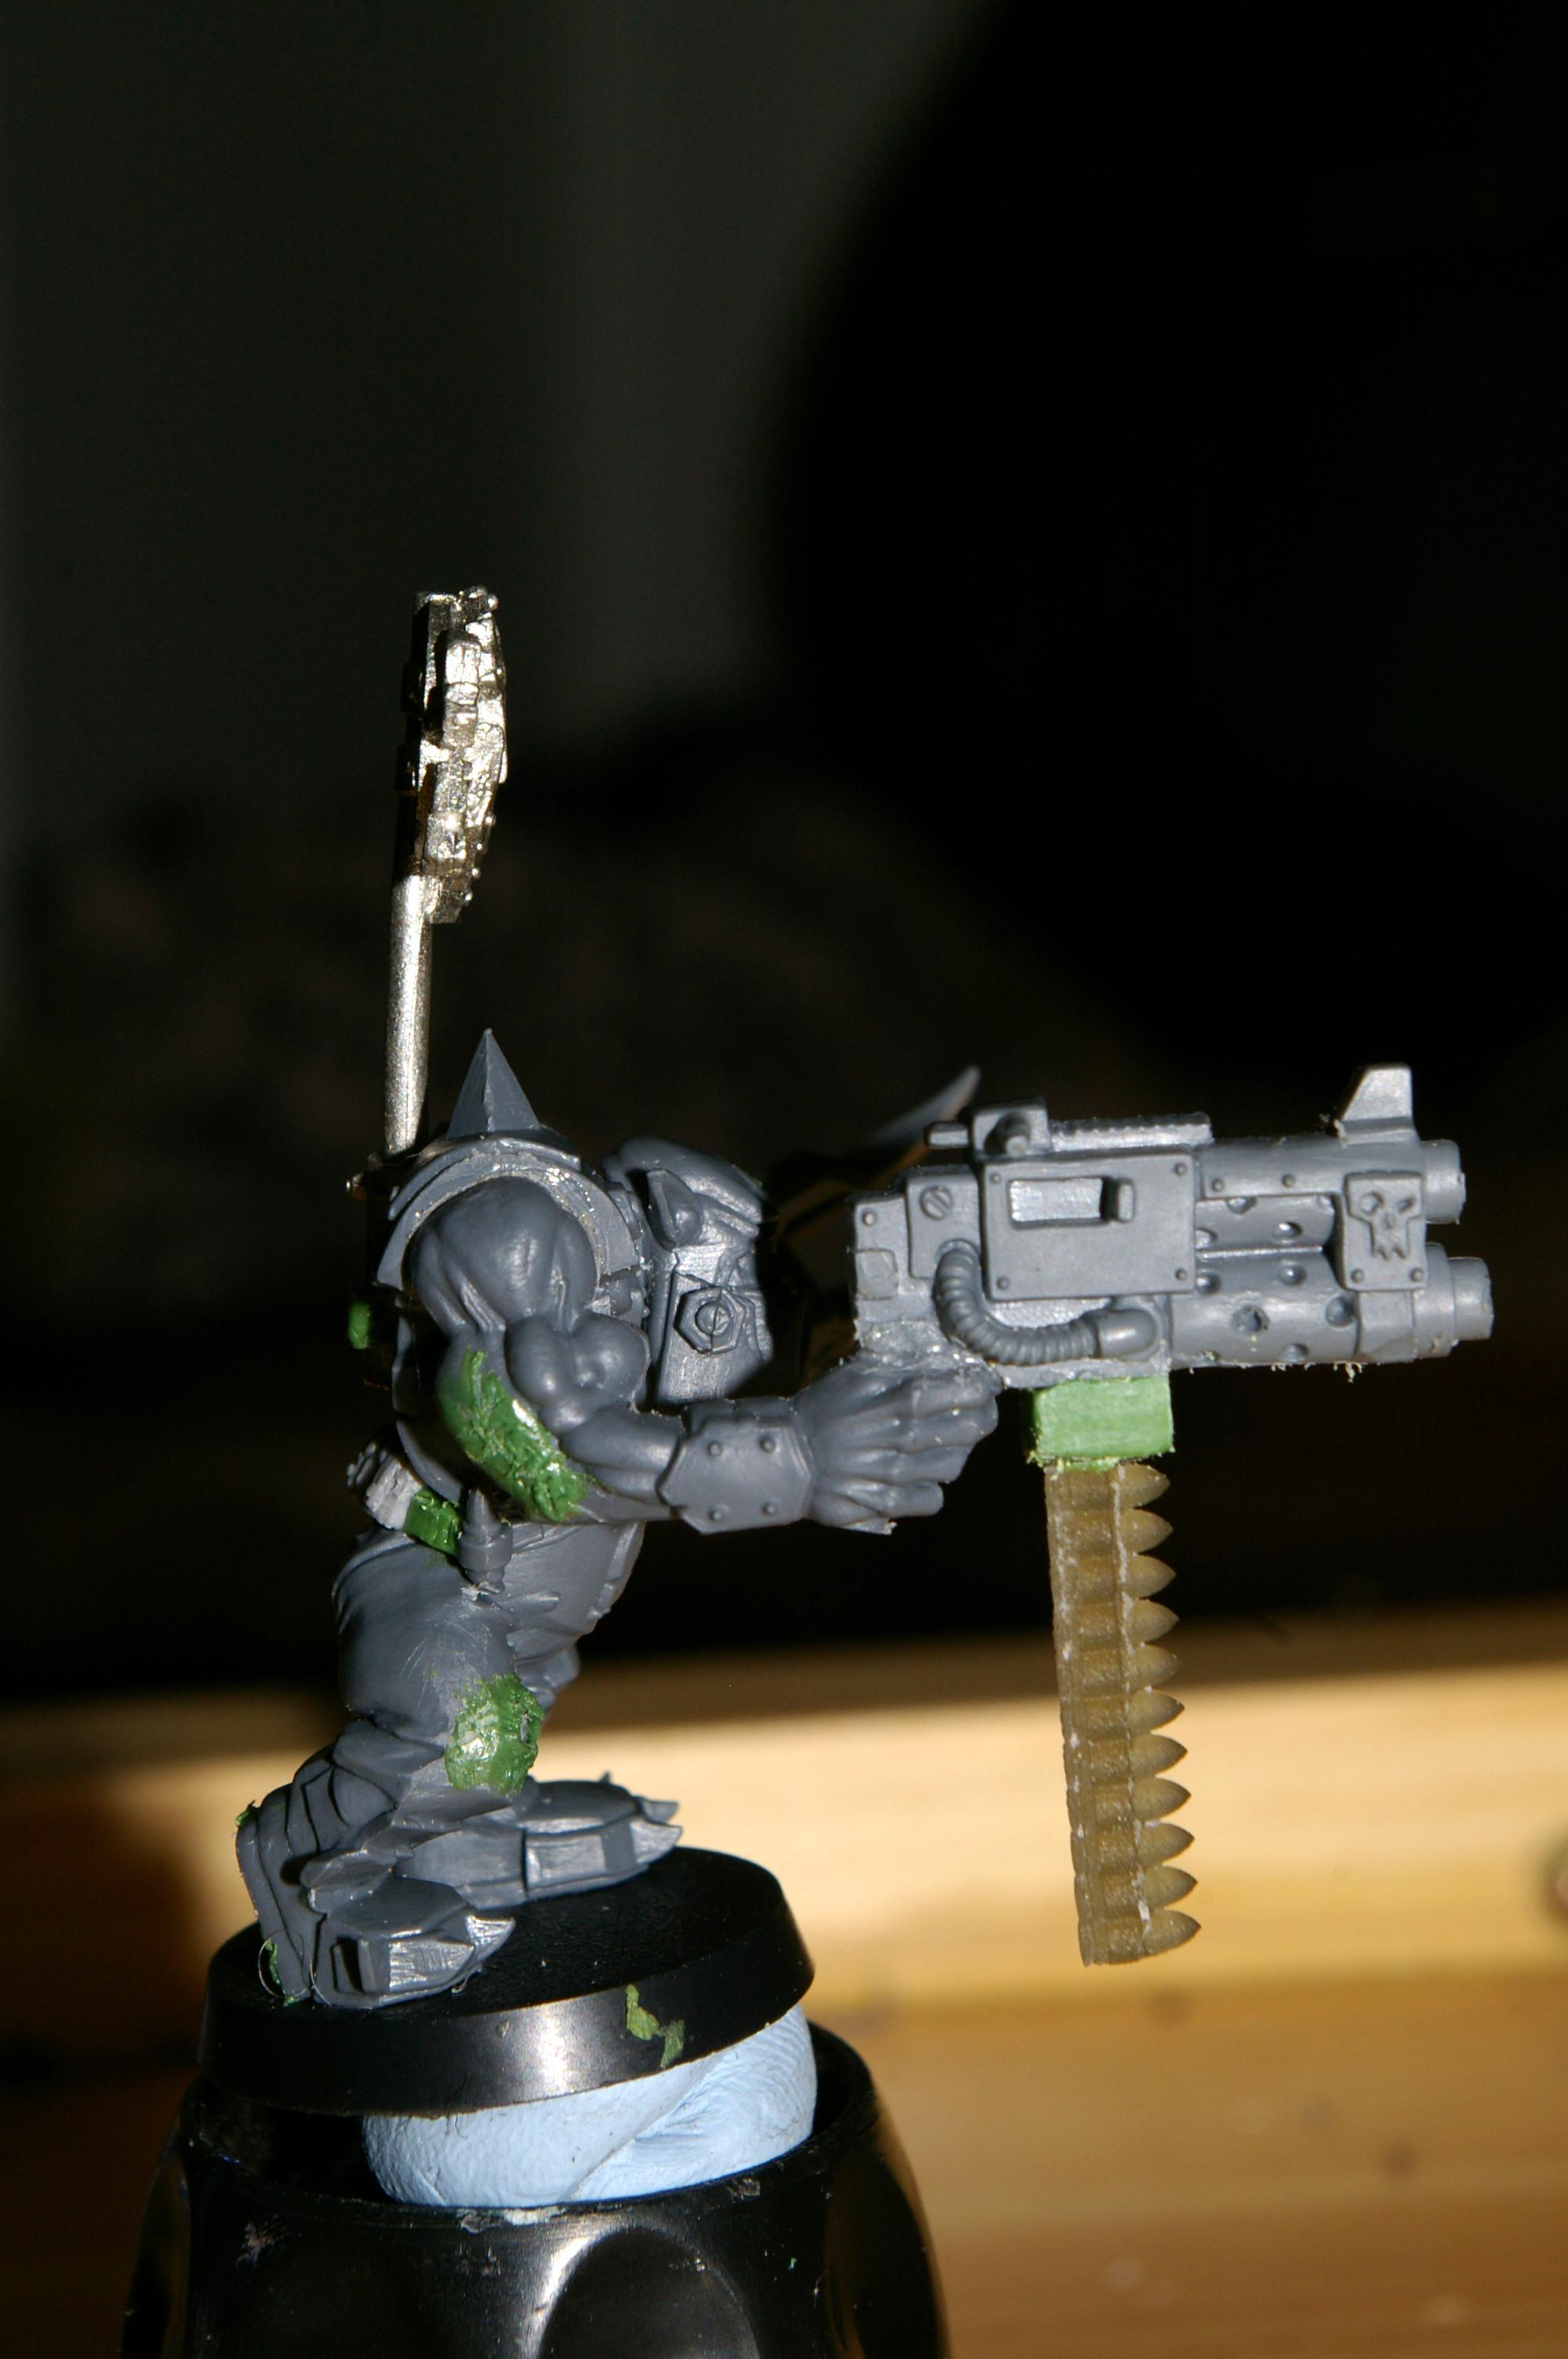 Ork Nob Power Claw, Ork boyz nob 1 side